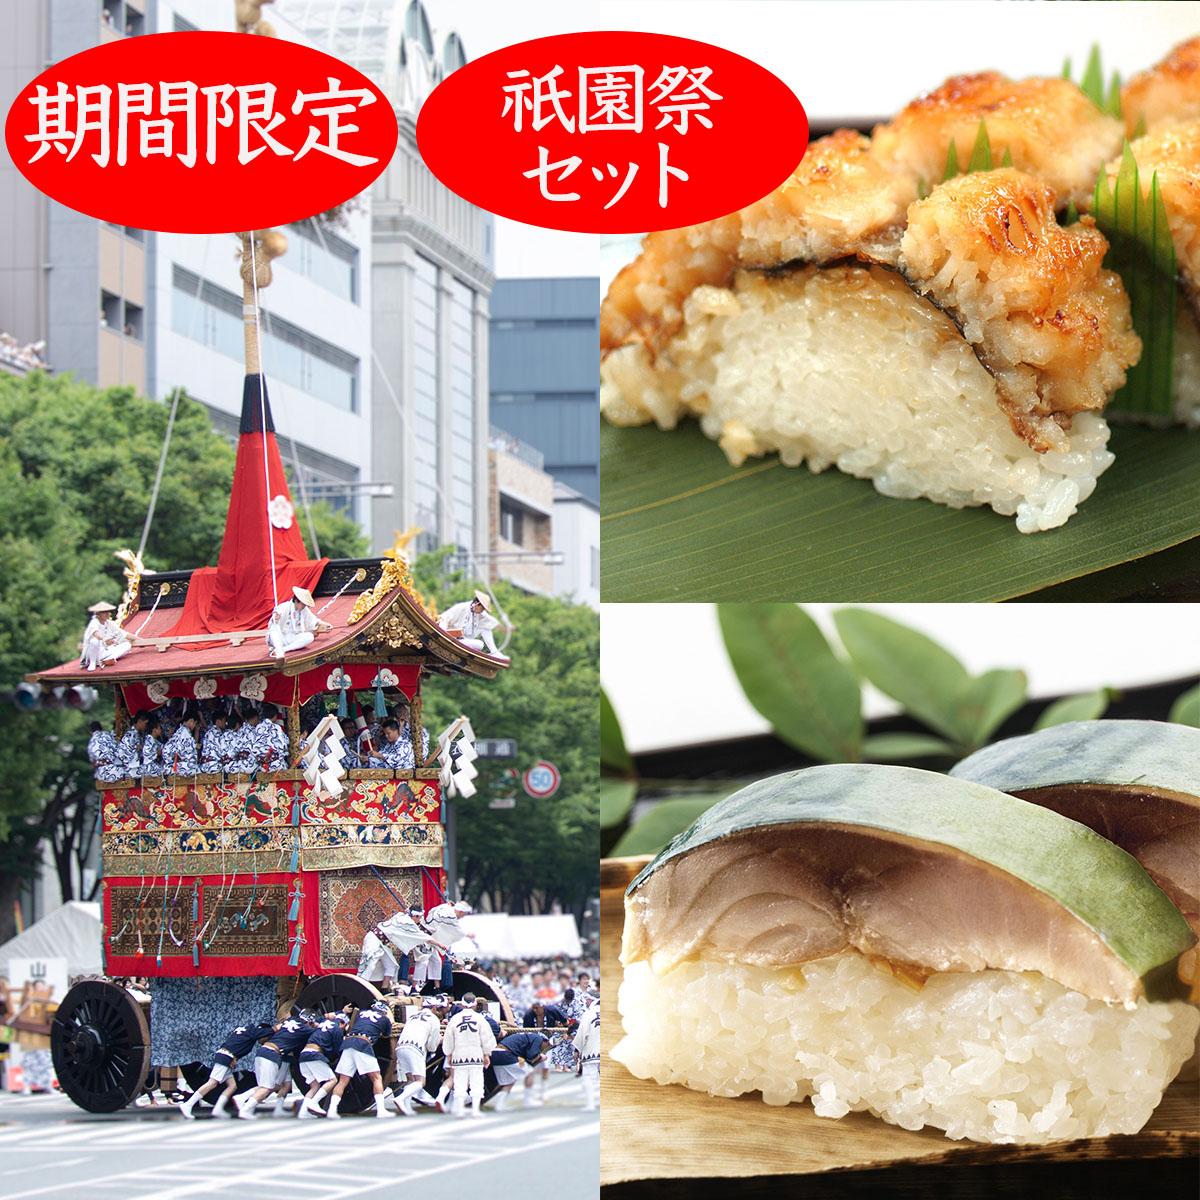 自然食材にこだわり、化学調味料無添加!京都伝統の鯖寿司と鱧寿司。デパート催事で大人気! 【送料無料】【1日限定10セット】セットでお得 鱧棒寿司と鯖棒寿司のセット 猛暑を美味しく乗り切りましょう!伝統の技法と素材にもこだわった味 【無添加】【冷蔵】